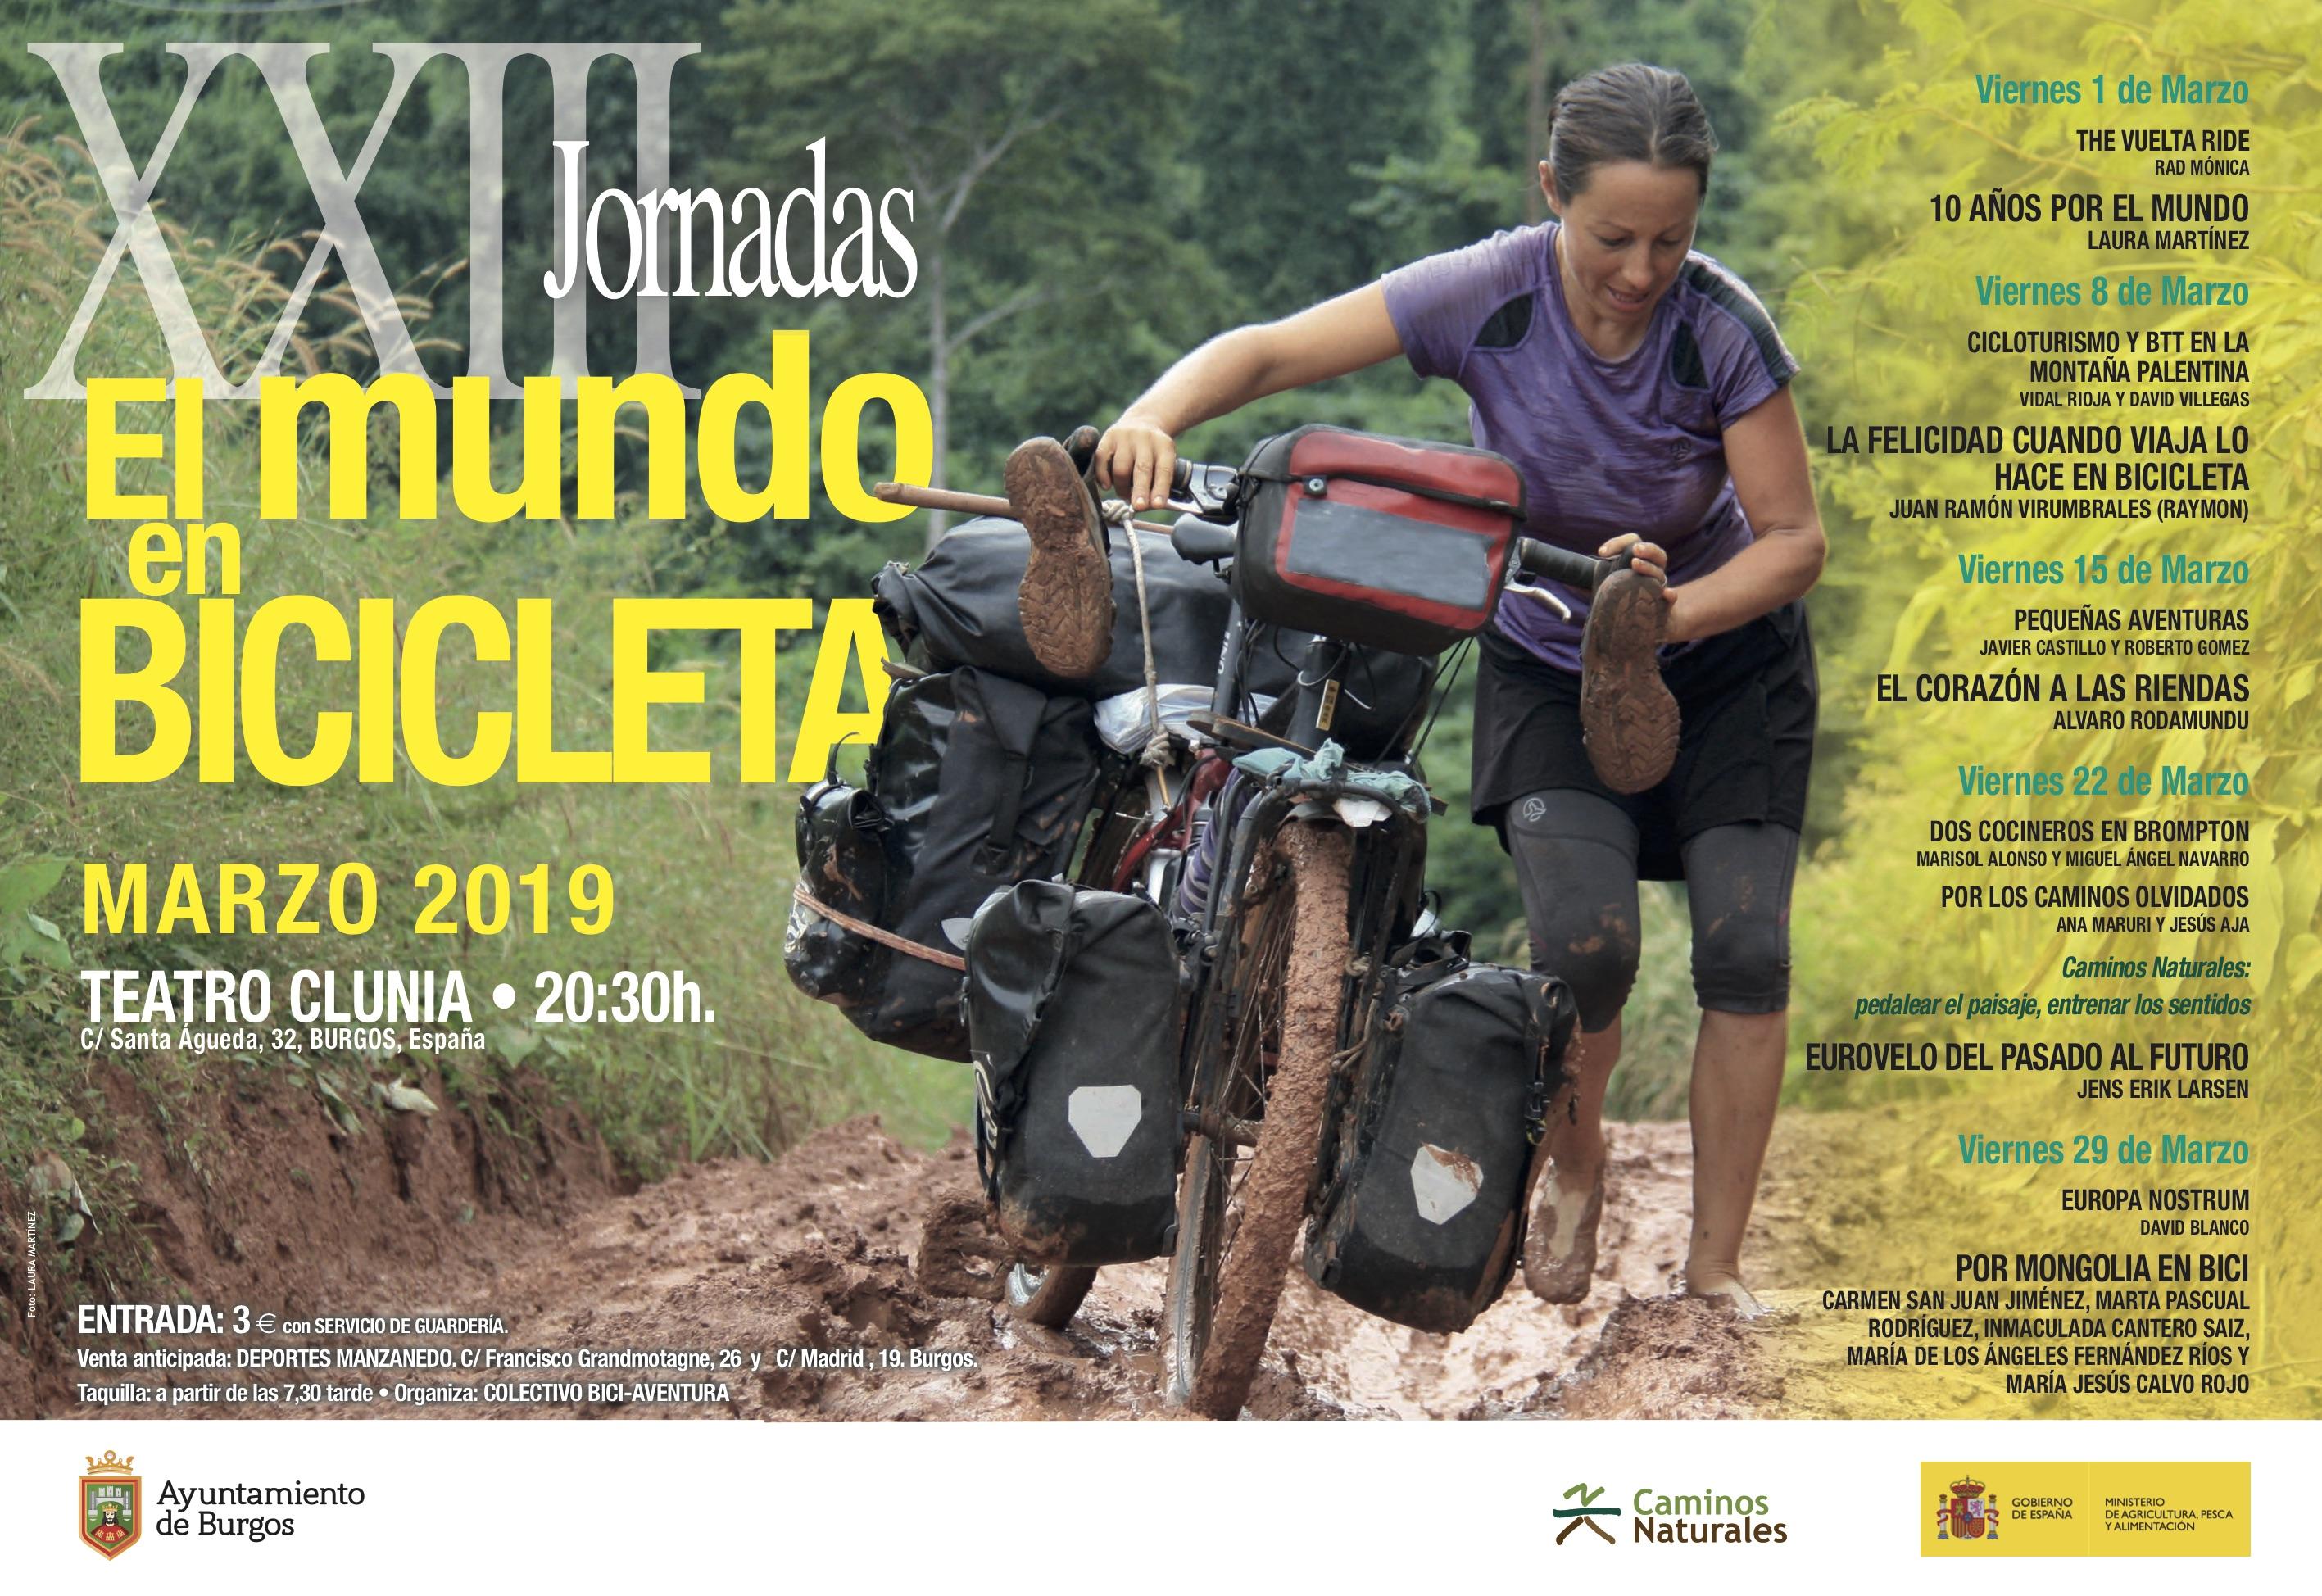 Cartel XXIII Jornadas El mundo en bicicleta